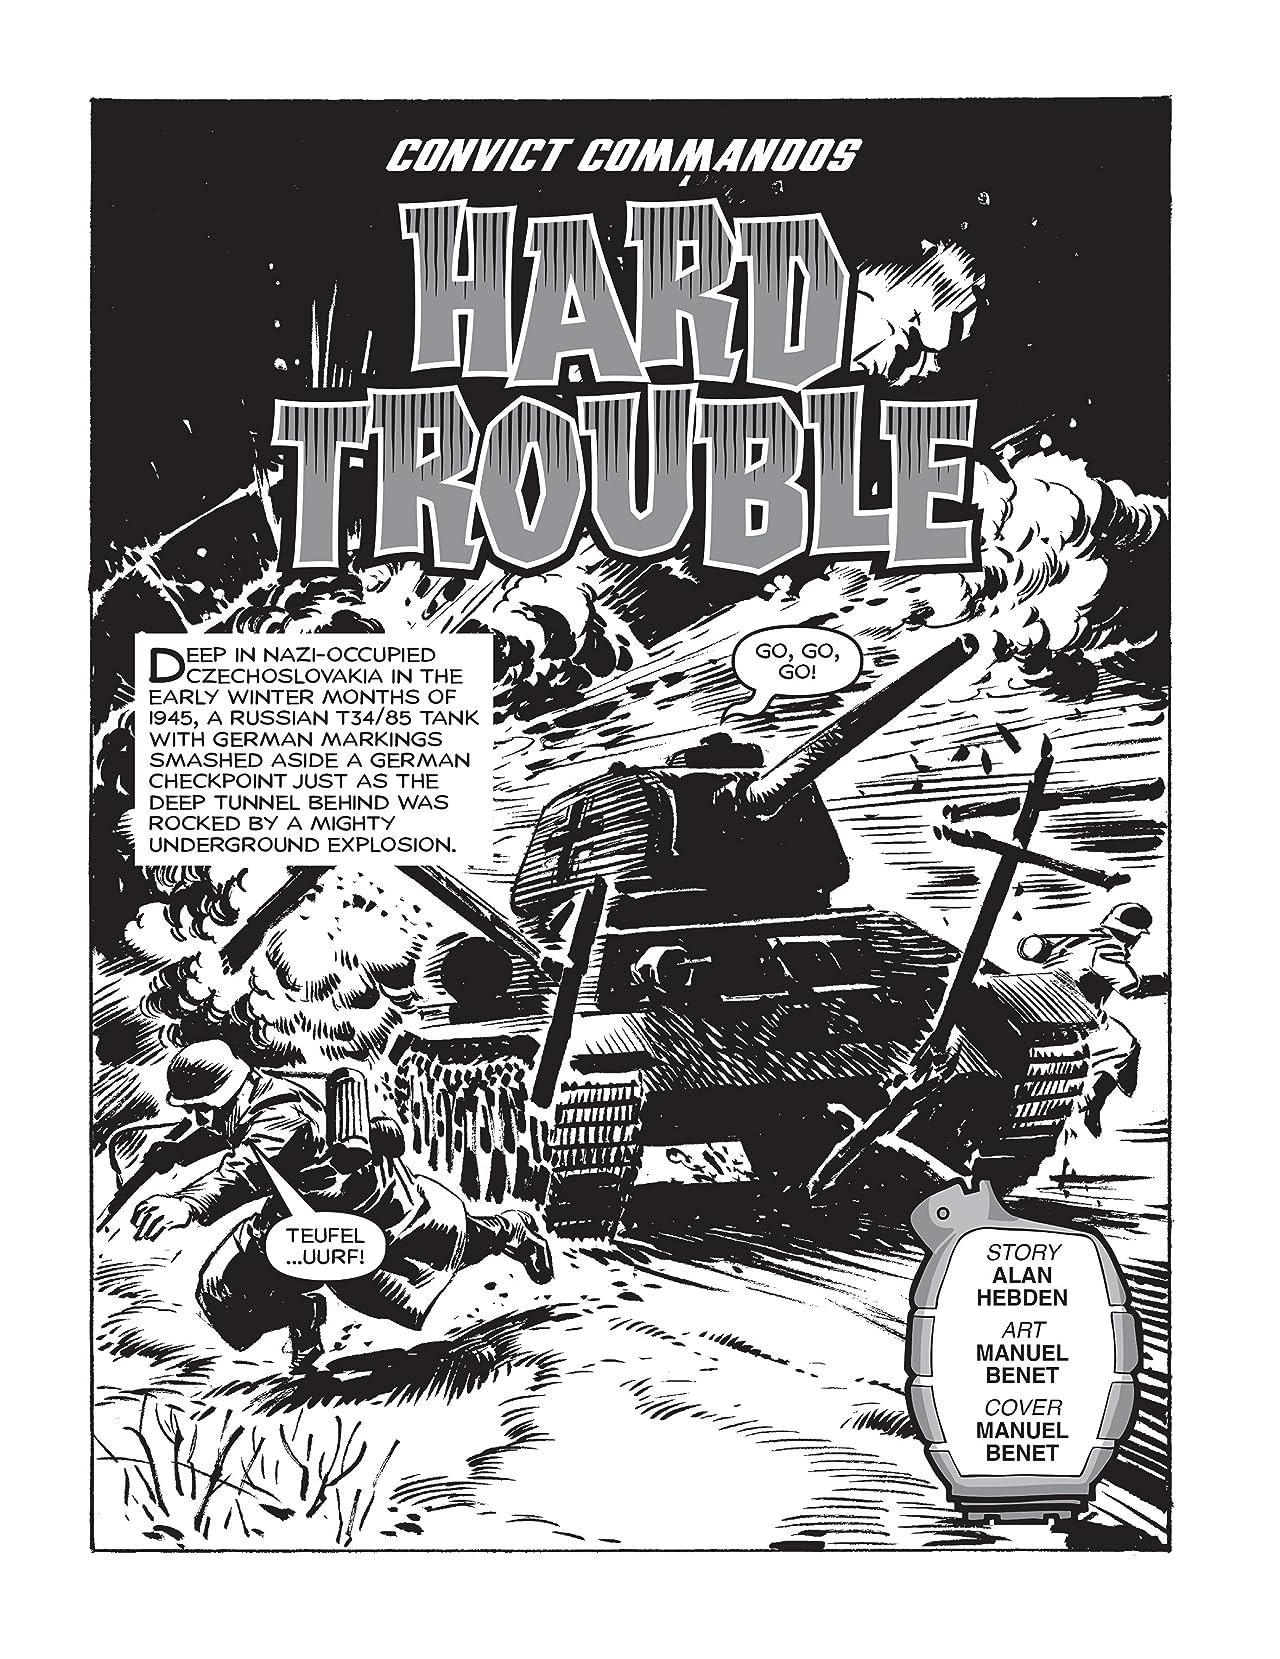 Commando #4871: Hard Trouble